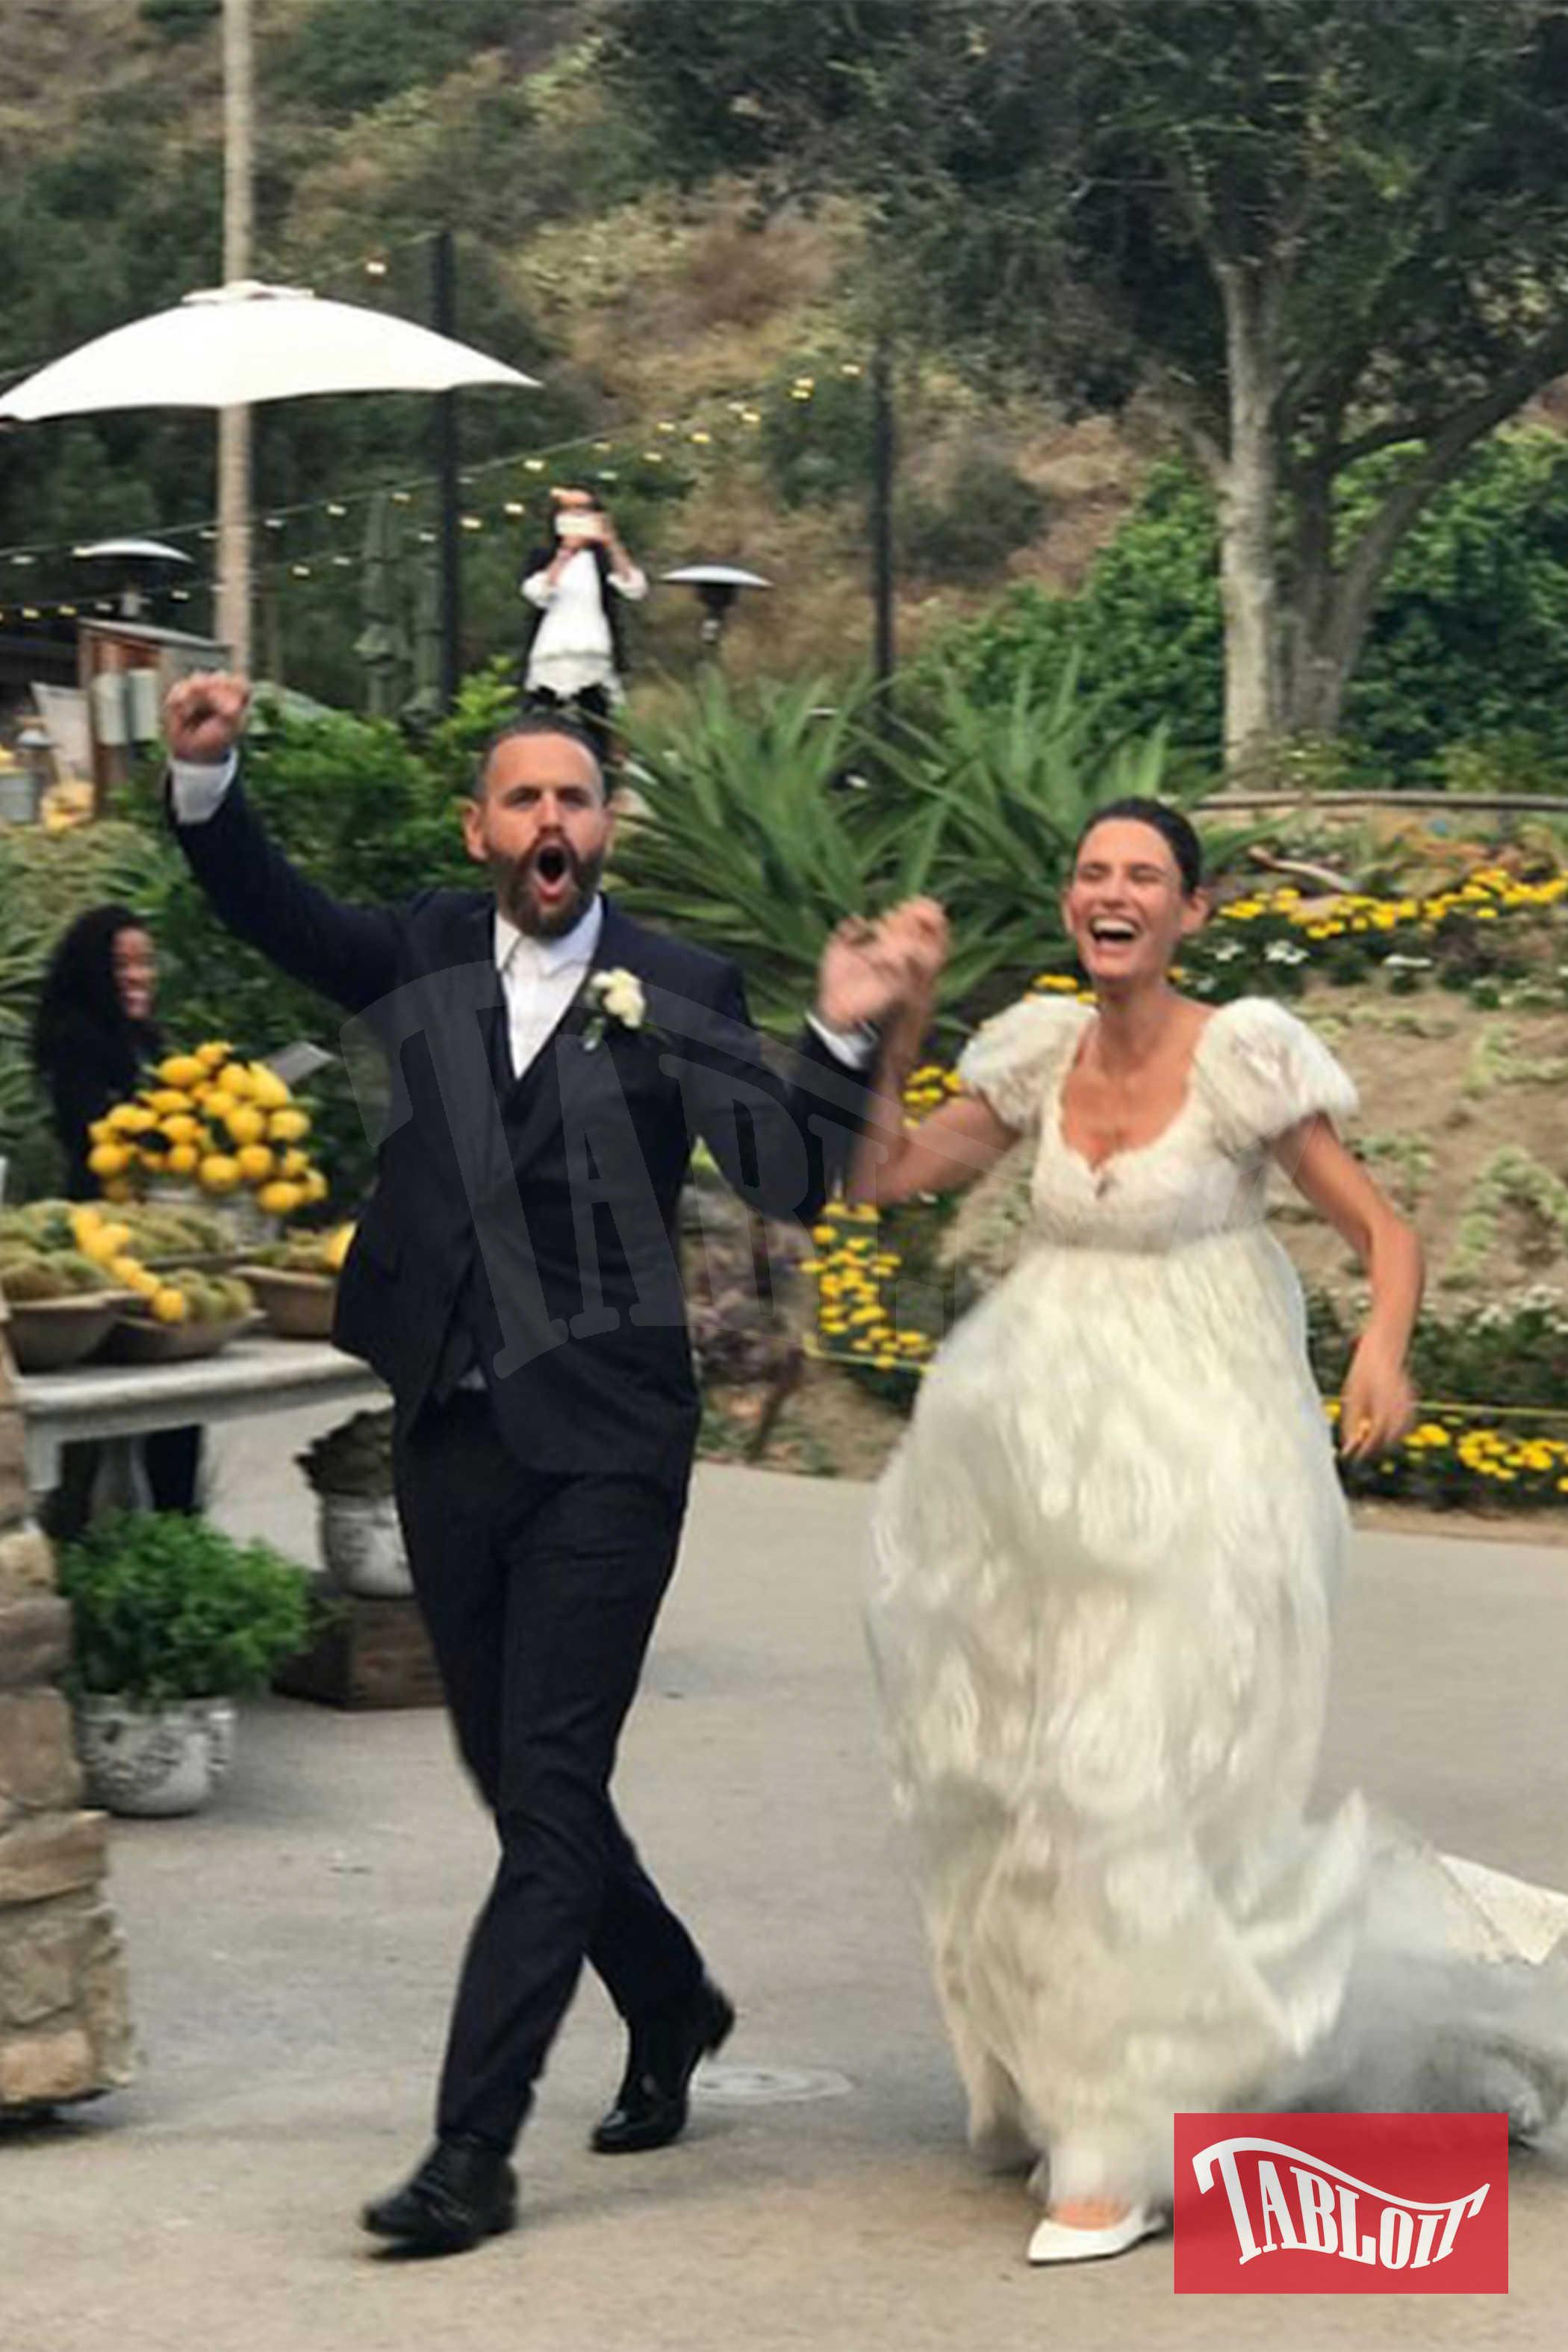 Bianca Balti e il marito Matthew McRae nel giorno del loro matrimonio. La coppia si è sposata in un ranch in California. Le due figlie della modella, Matilde e Mia, hanno fatto da damigelle. A firmare gli abiti degli sposi ci hanno pensato Dolce&Gabbana